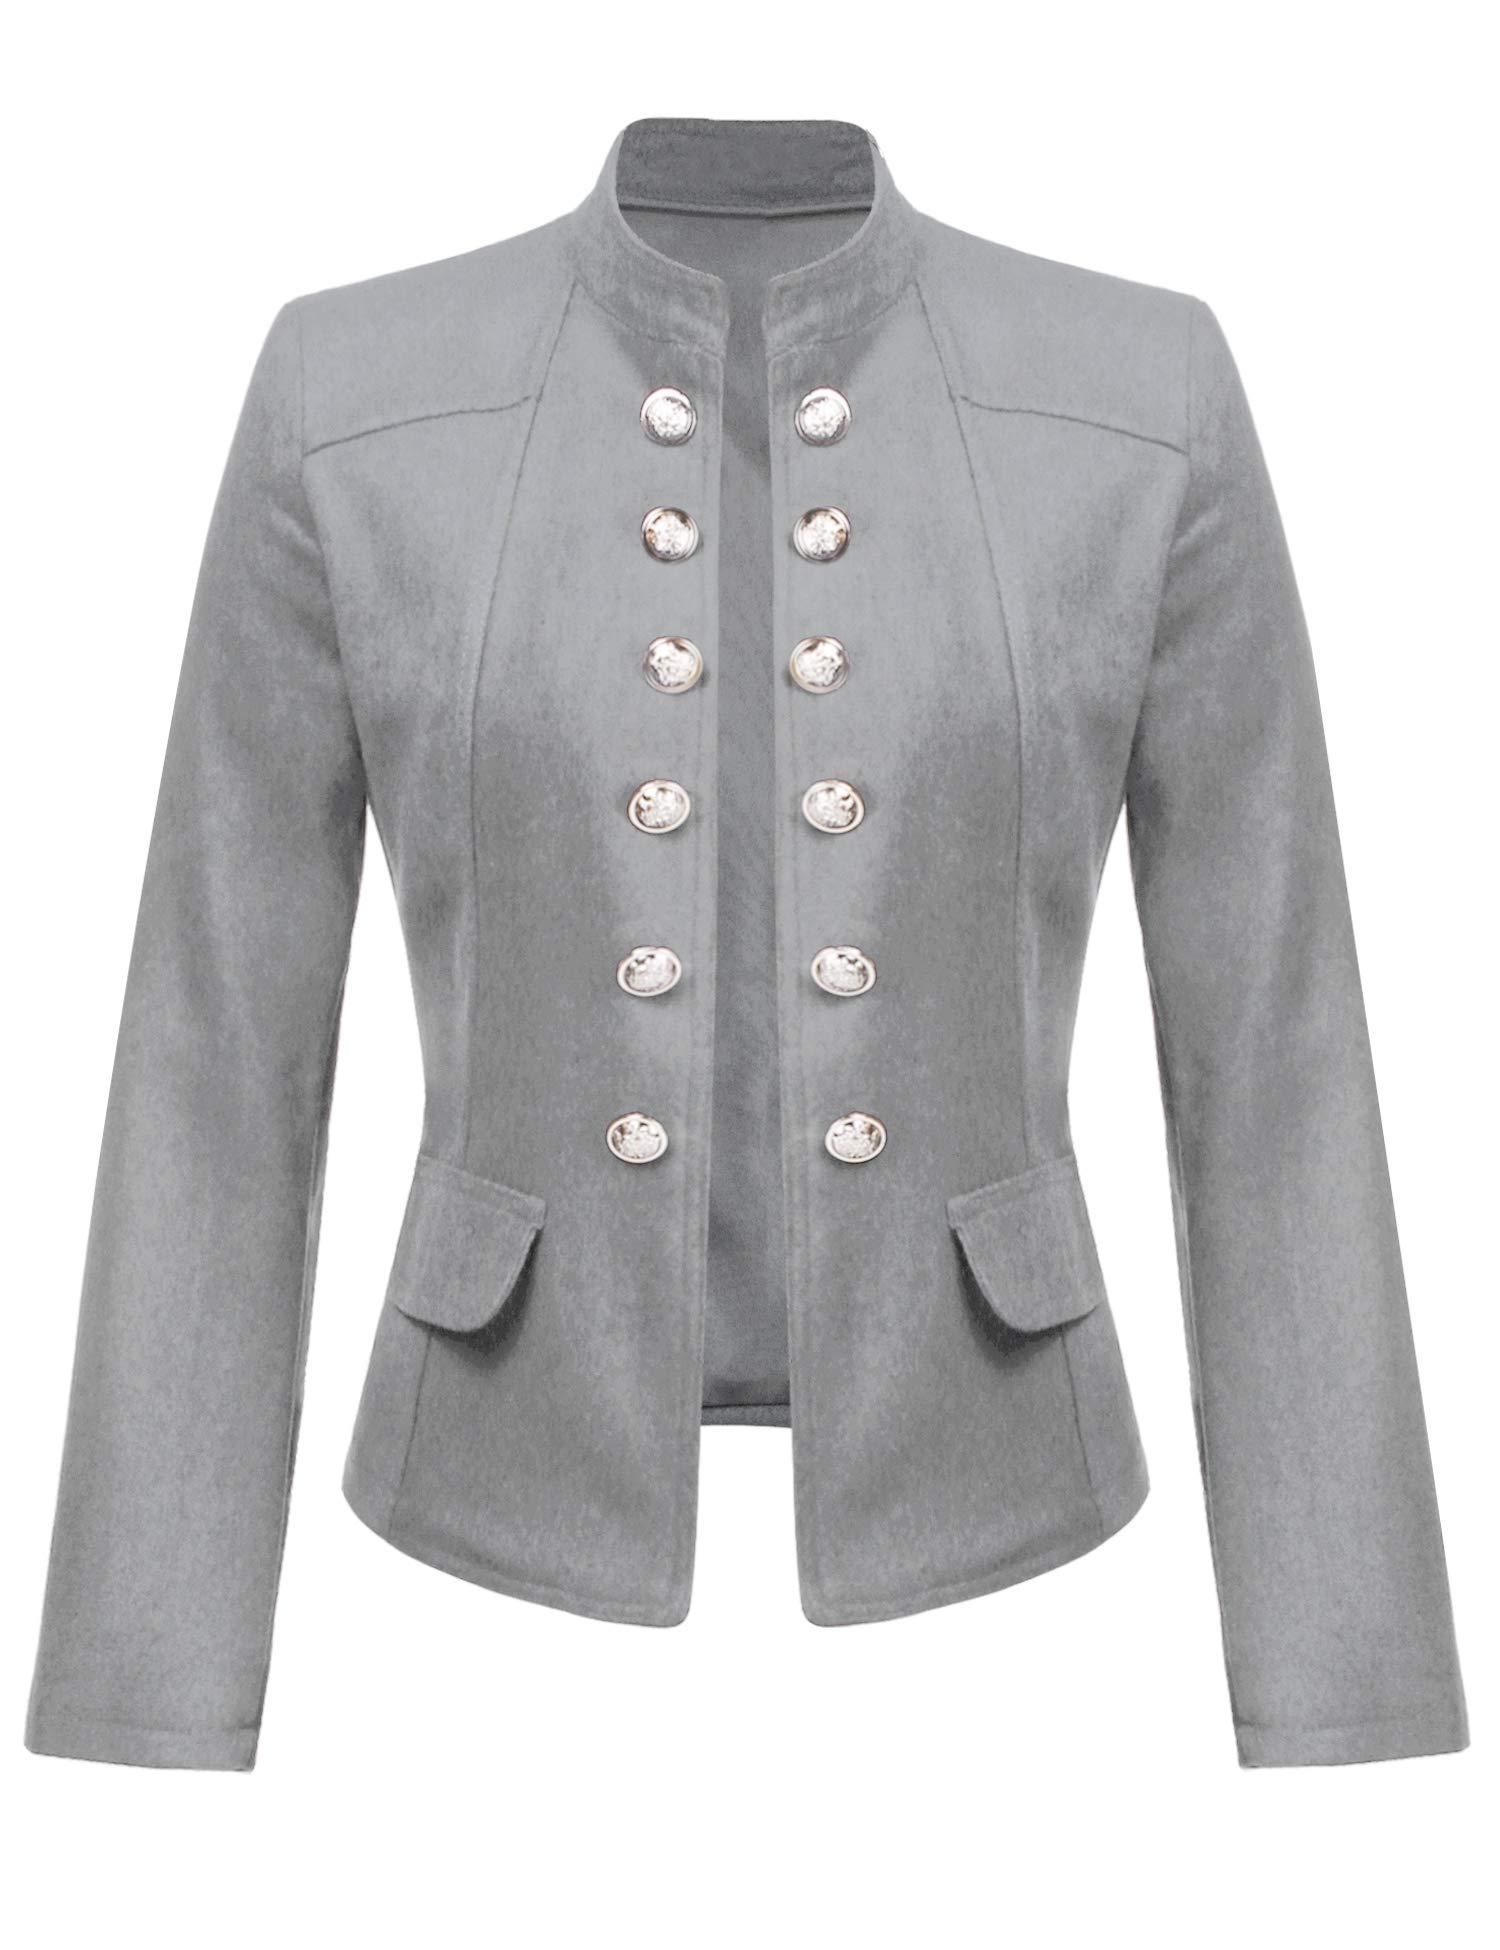 ELESOL Women's Long Sleeve Single Breasted Work Blazer Short Crop Jacket Coat Gray M